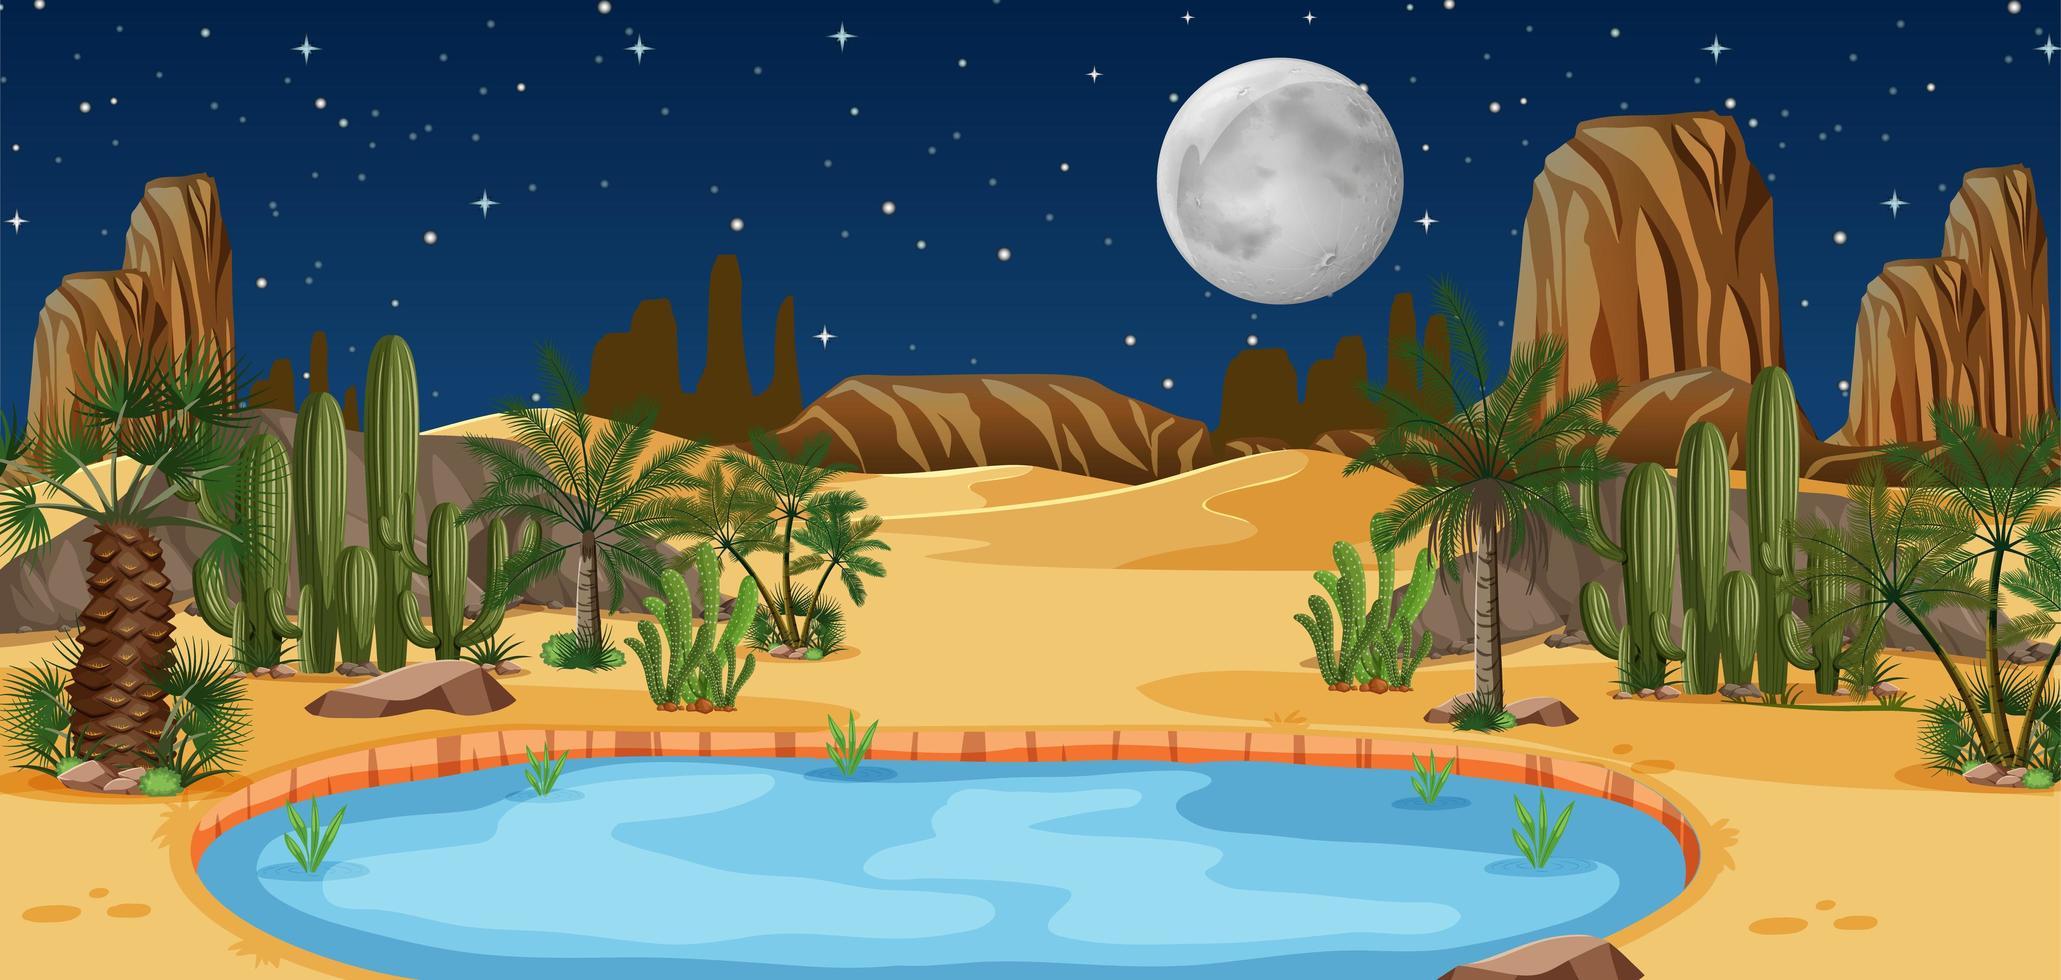 Wüstenoase mit Palmen und Kaktus-Naturlandschaft vektor